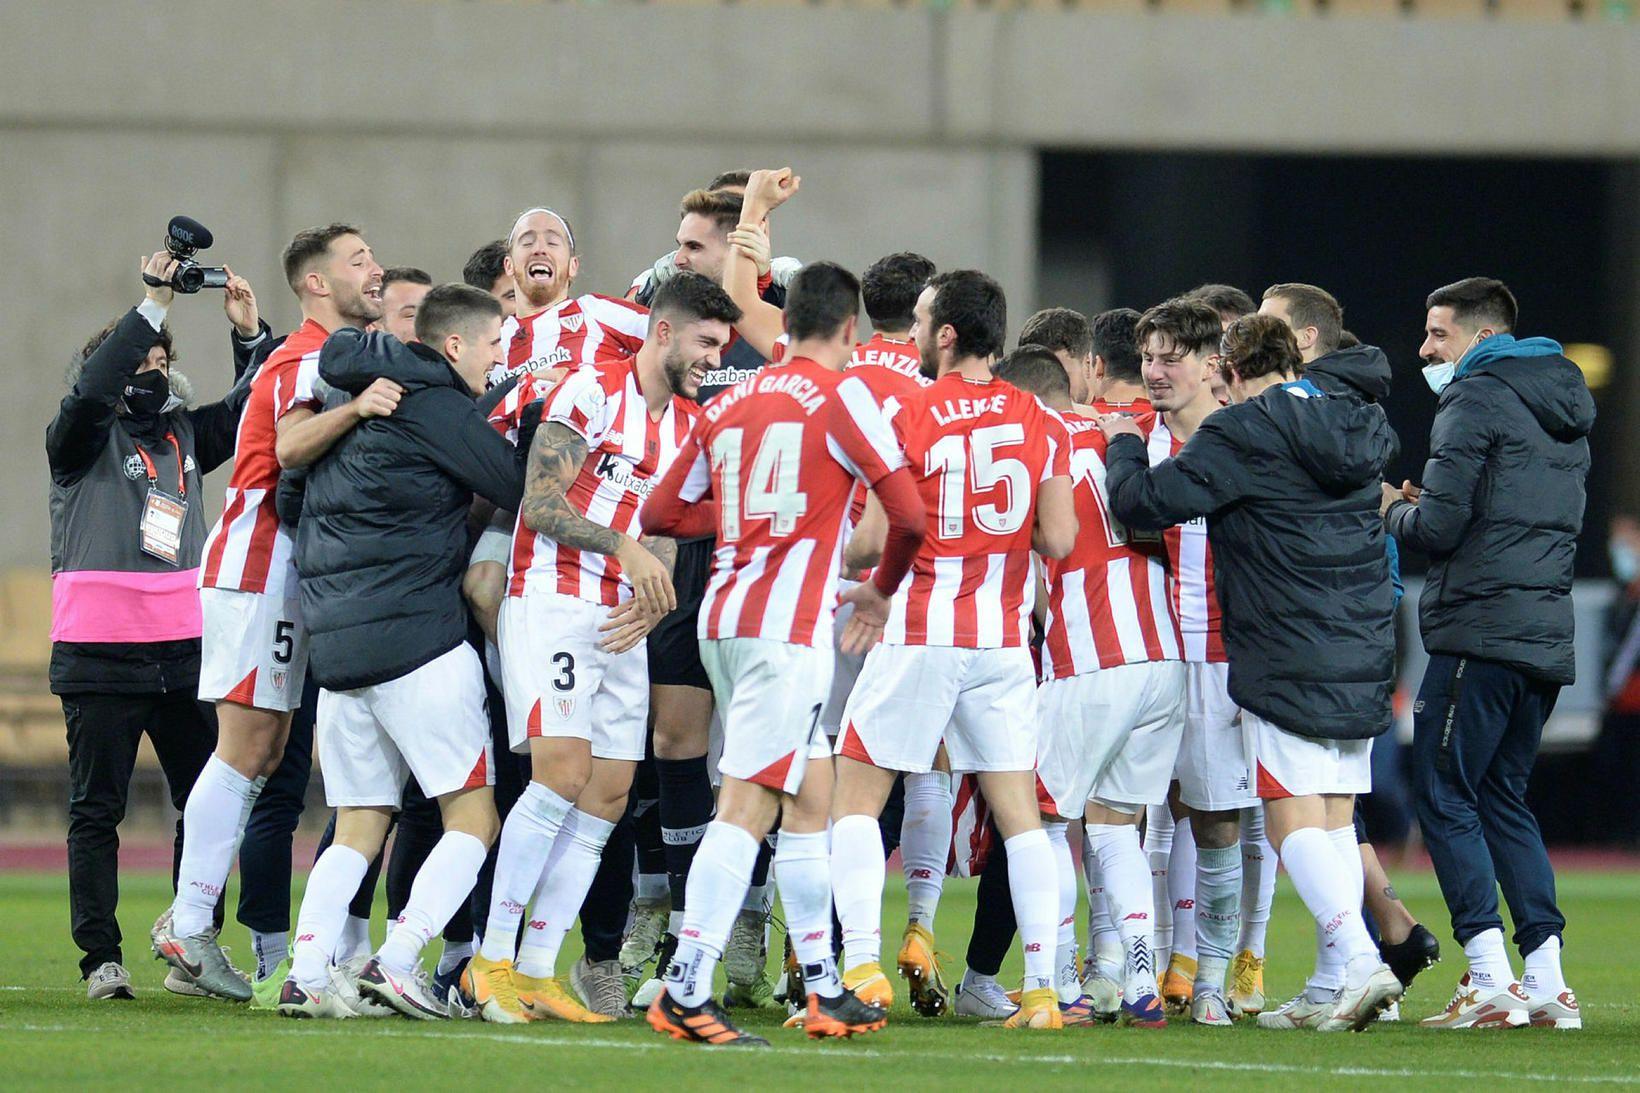 Leikmenn Athletic Bilbao fagna sigrinum í kvöld.